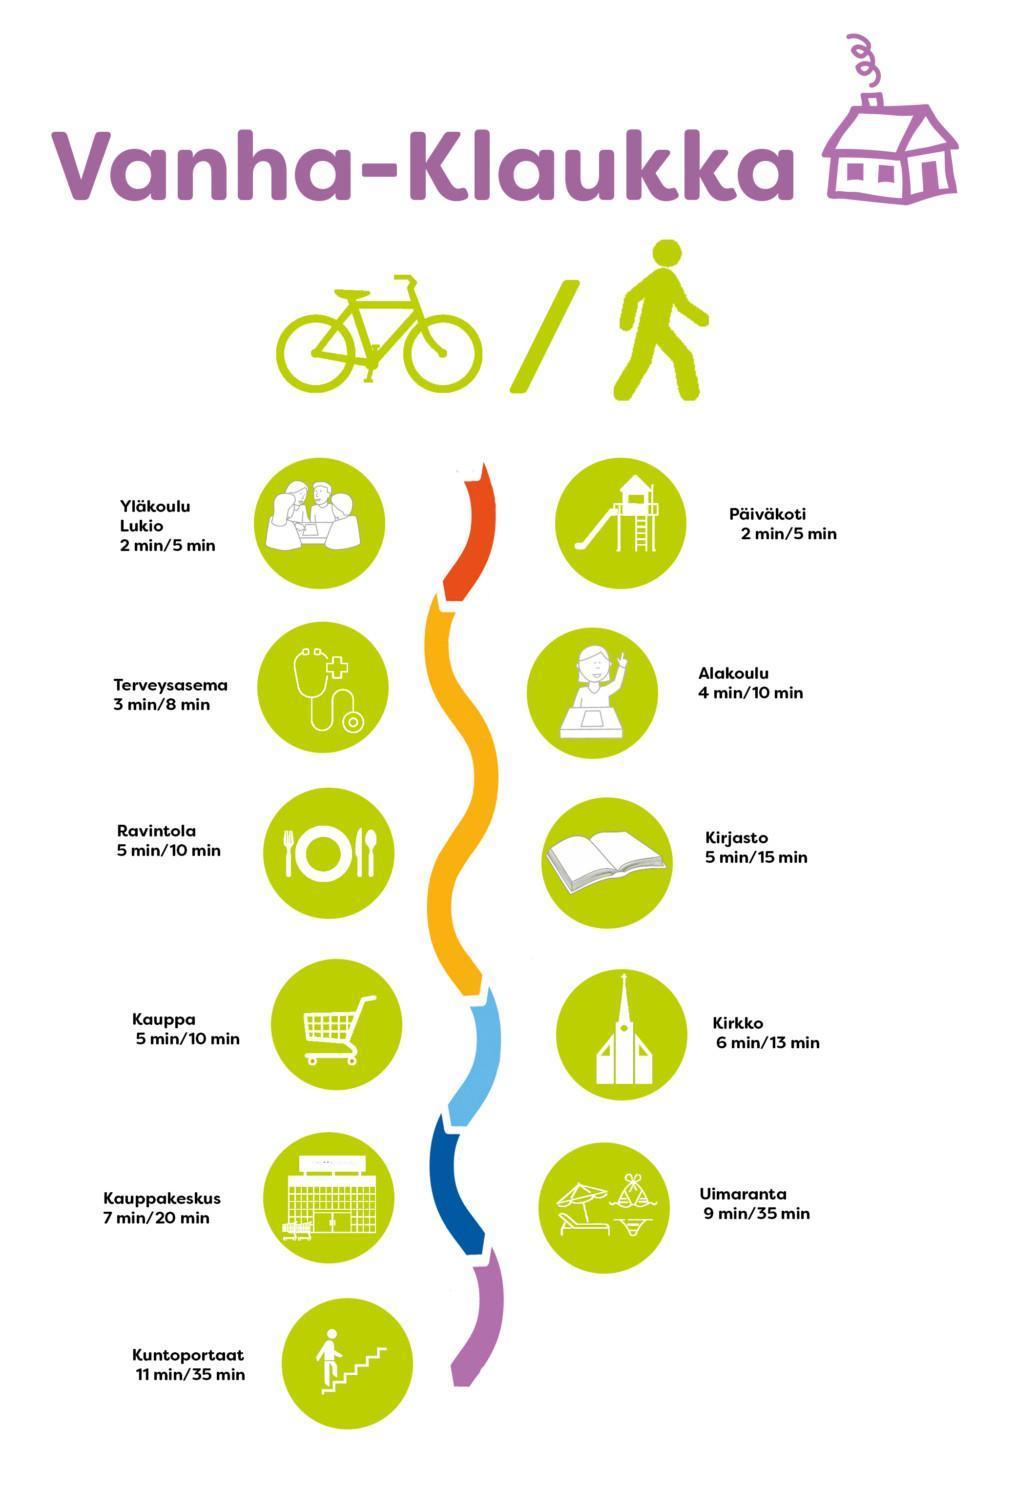 Vanha-Klaukan lähipalvelut:  yläkoulu, päiväkoti, terveysasema, alakoulu, ravintolat, kirjasto, kauppa, kirkko, kauppakeskus, uimaranta, kuntoportaat